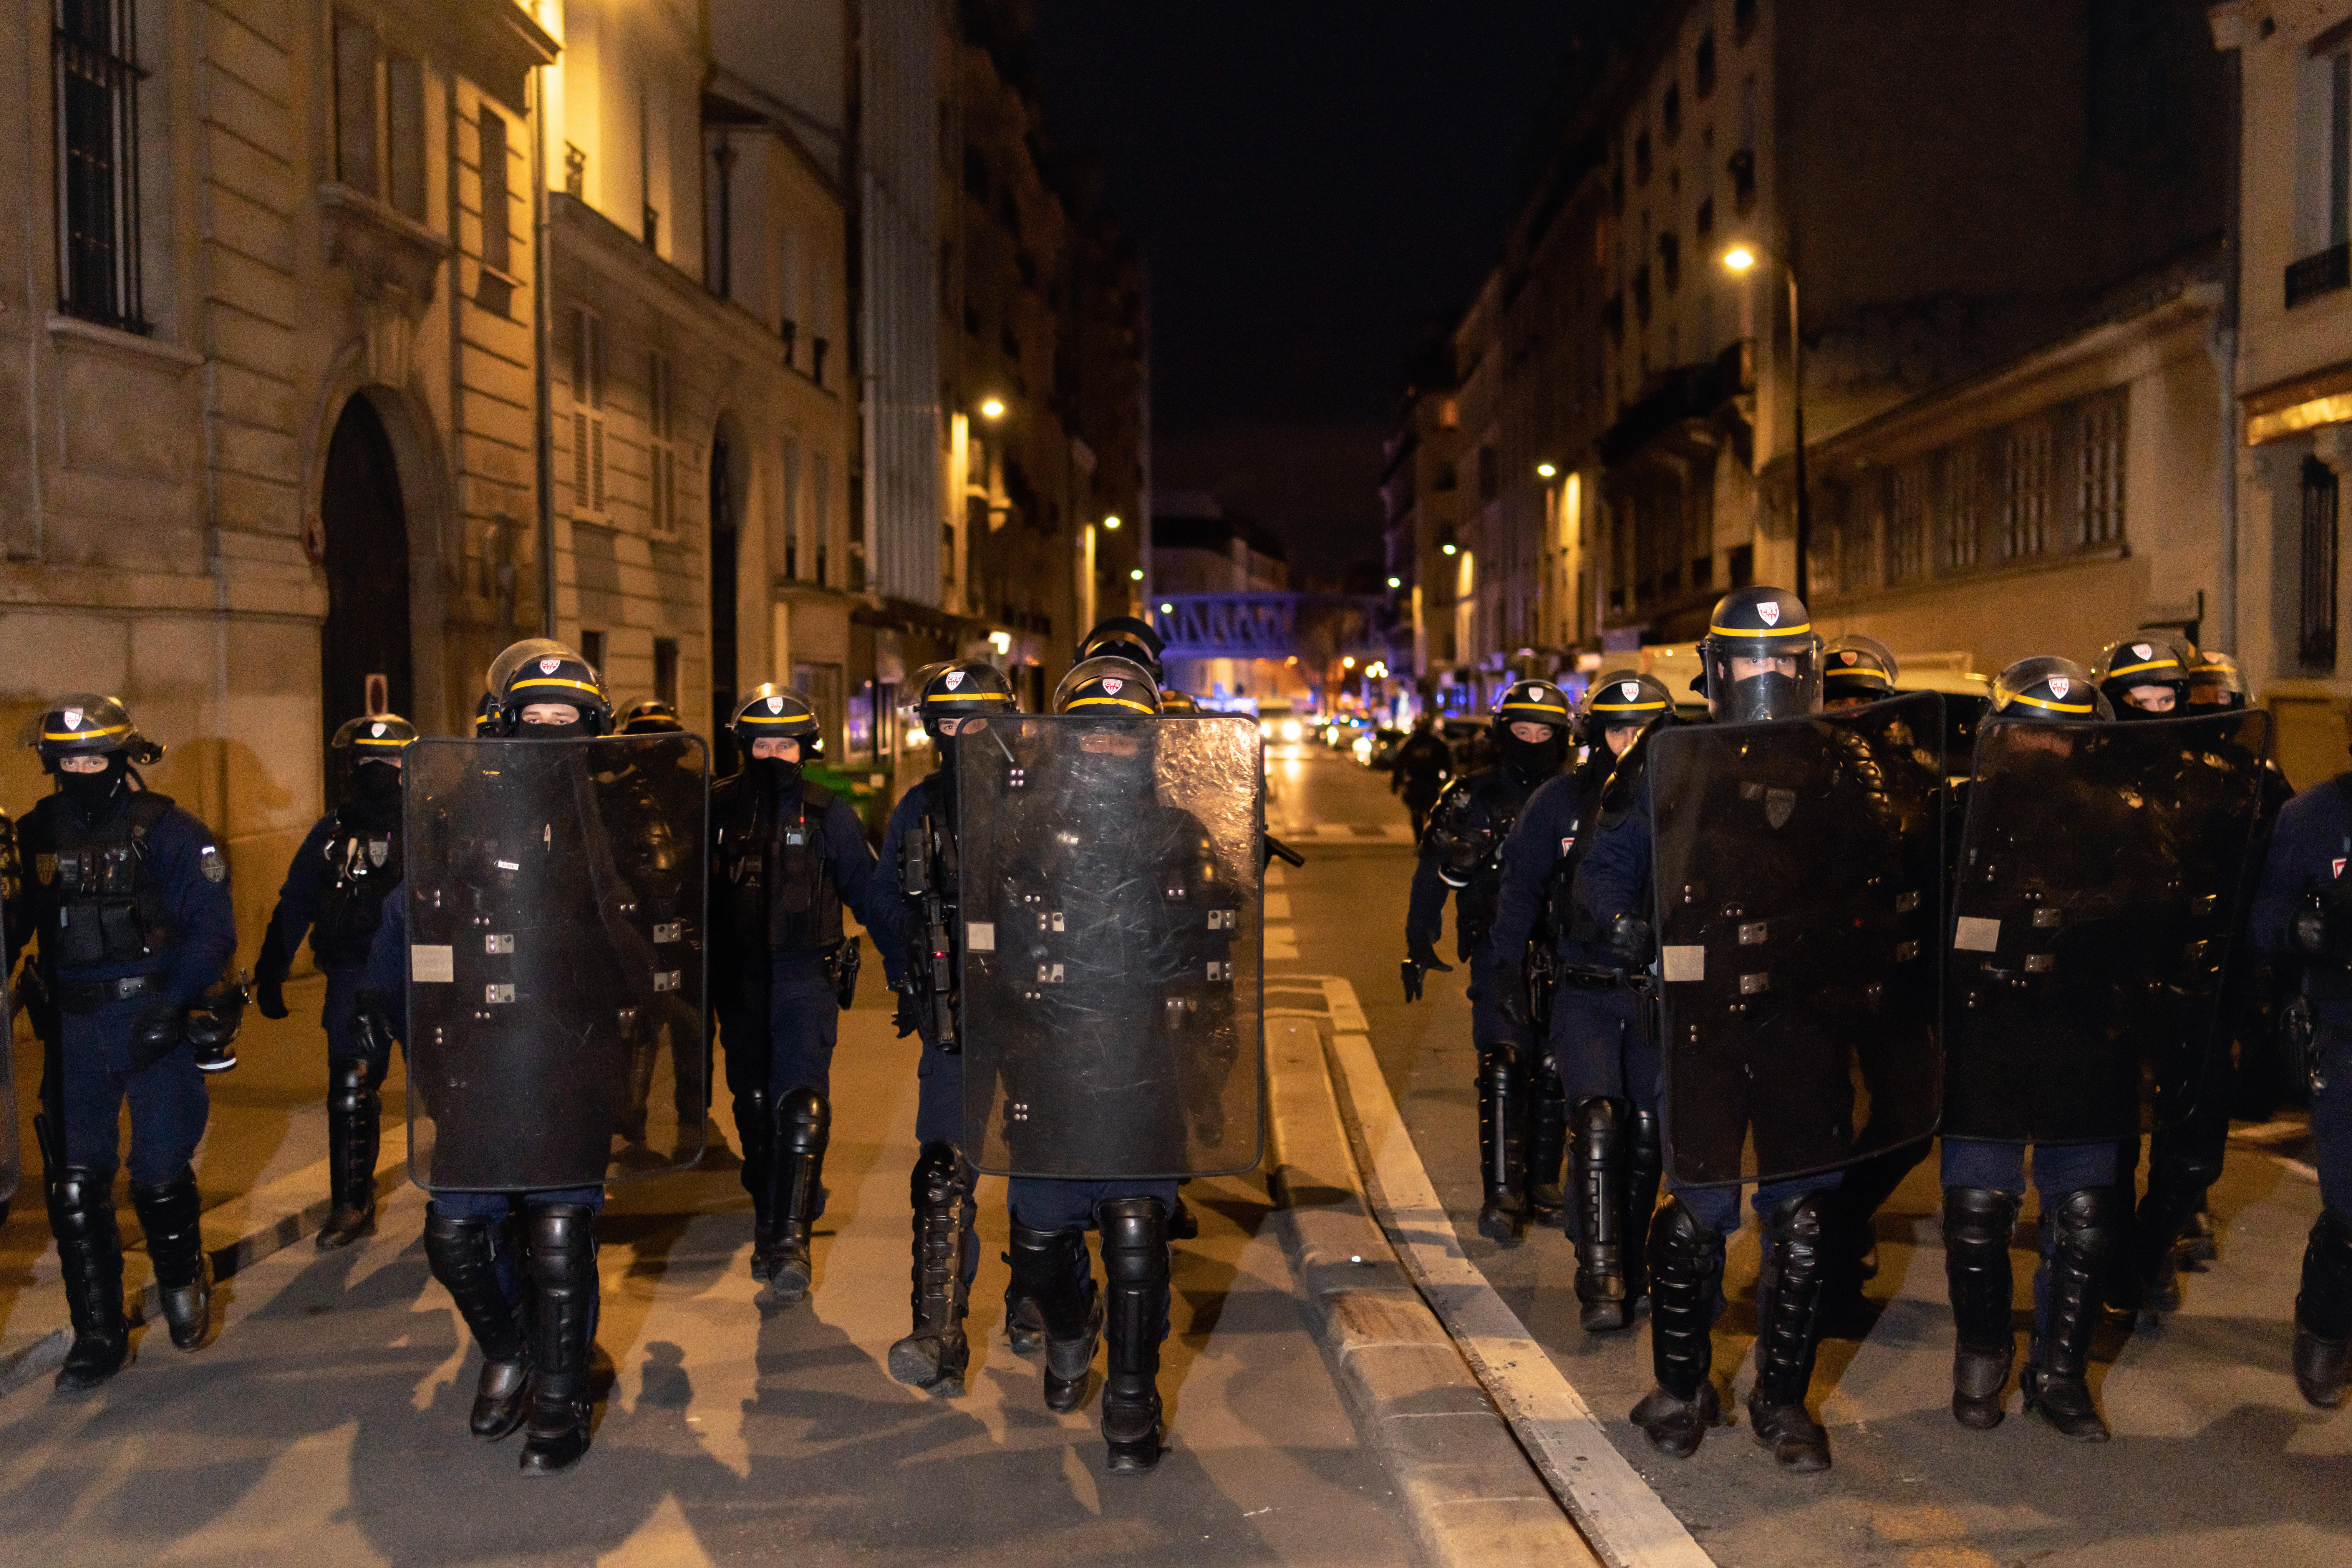 Des CRS s'avance en grand nombre face à quelques lycéens lors de la tentative de blocus du lycée Colbert dans le 10ème arrondisssement de Paris le 26 janvier 2021